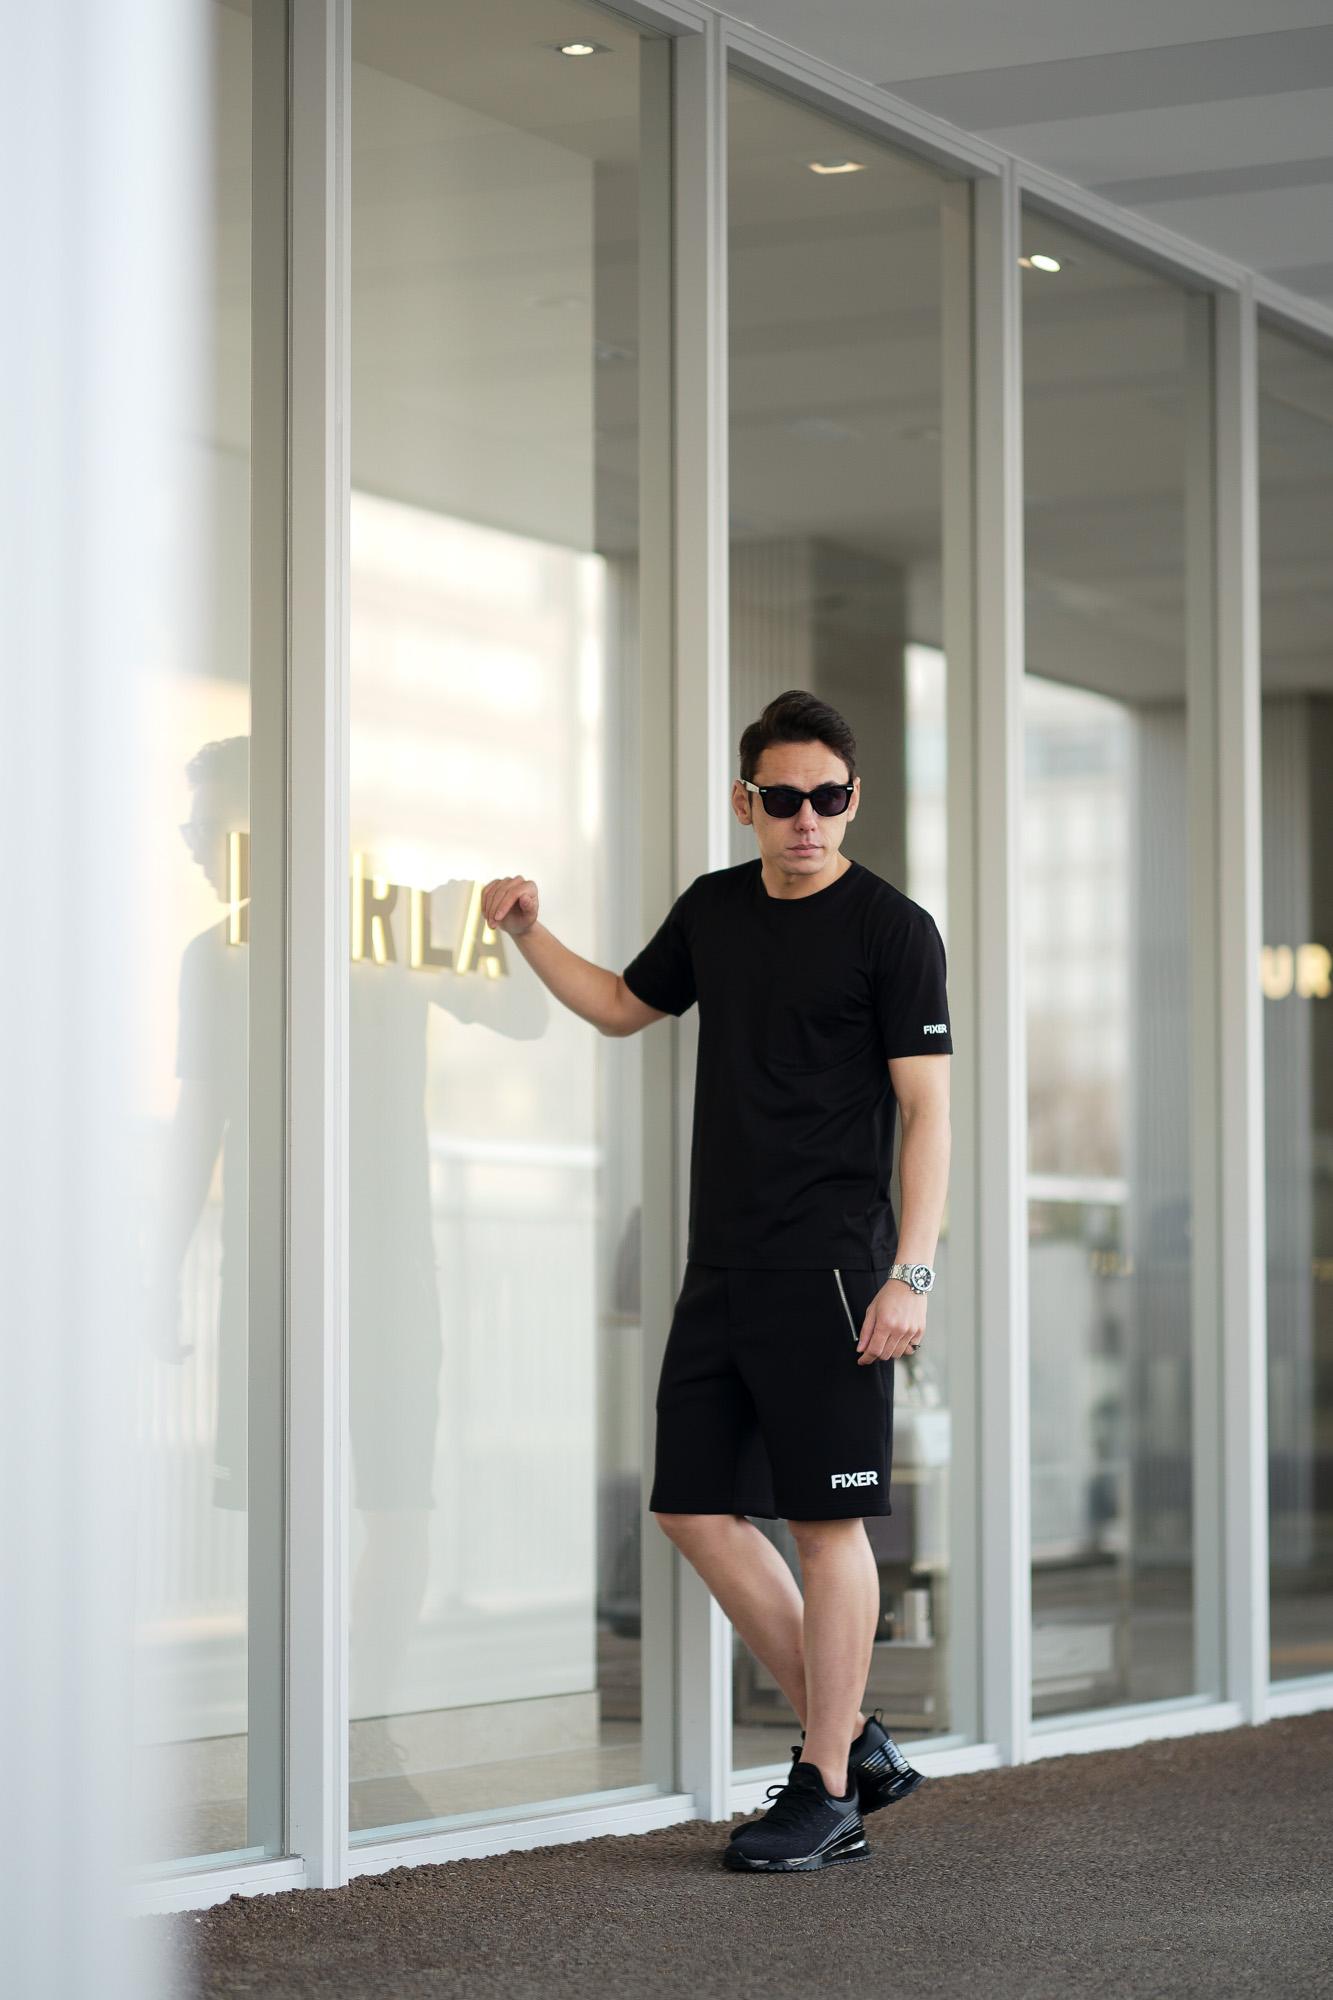 FIXER (フィクサー) FPT-02(エフピーティー02) Technical Jersey Short Pants テクニカルジャージー ショートパンツ BLACK (ブラック) 【ご予約開始】【2021.5.02(Sun)~2021.5.16(Sun)】愛知 名古屋 Alto e Diritto altoediritto アルトエデリット ショーツ